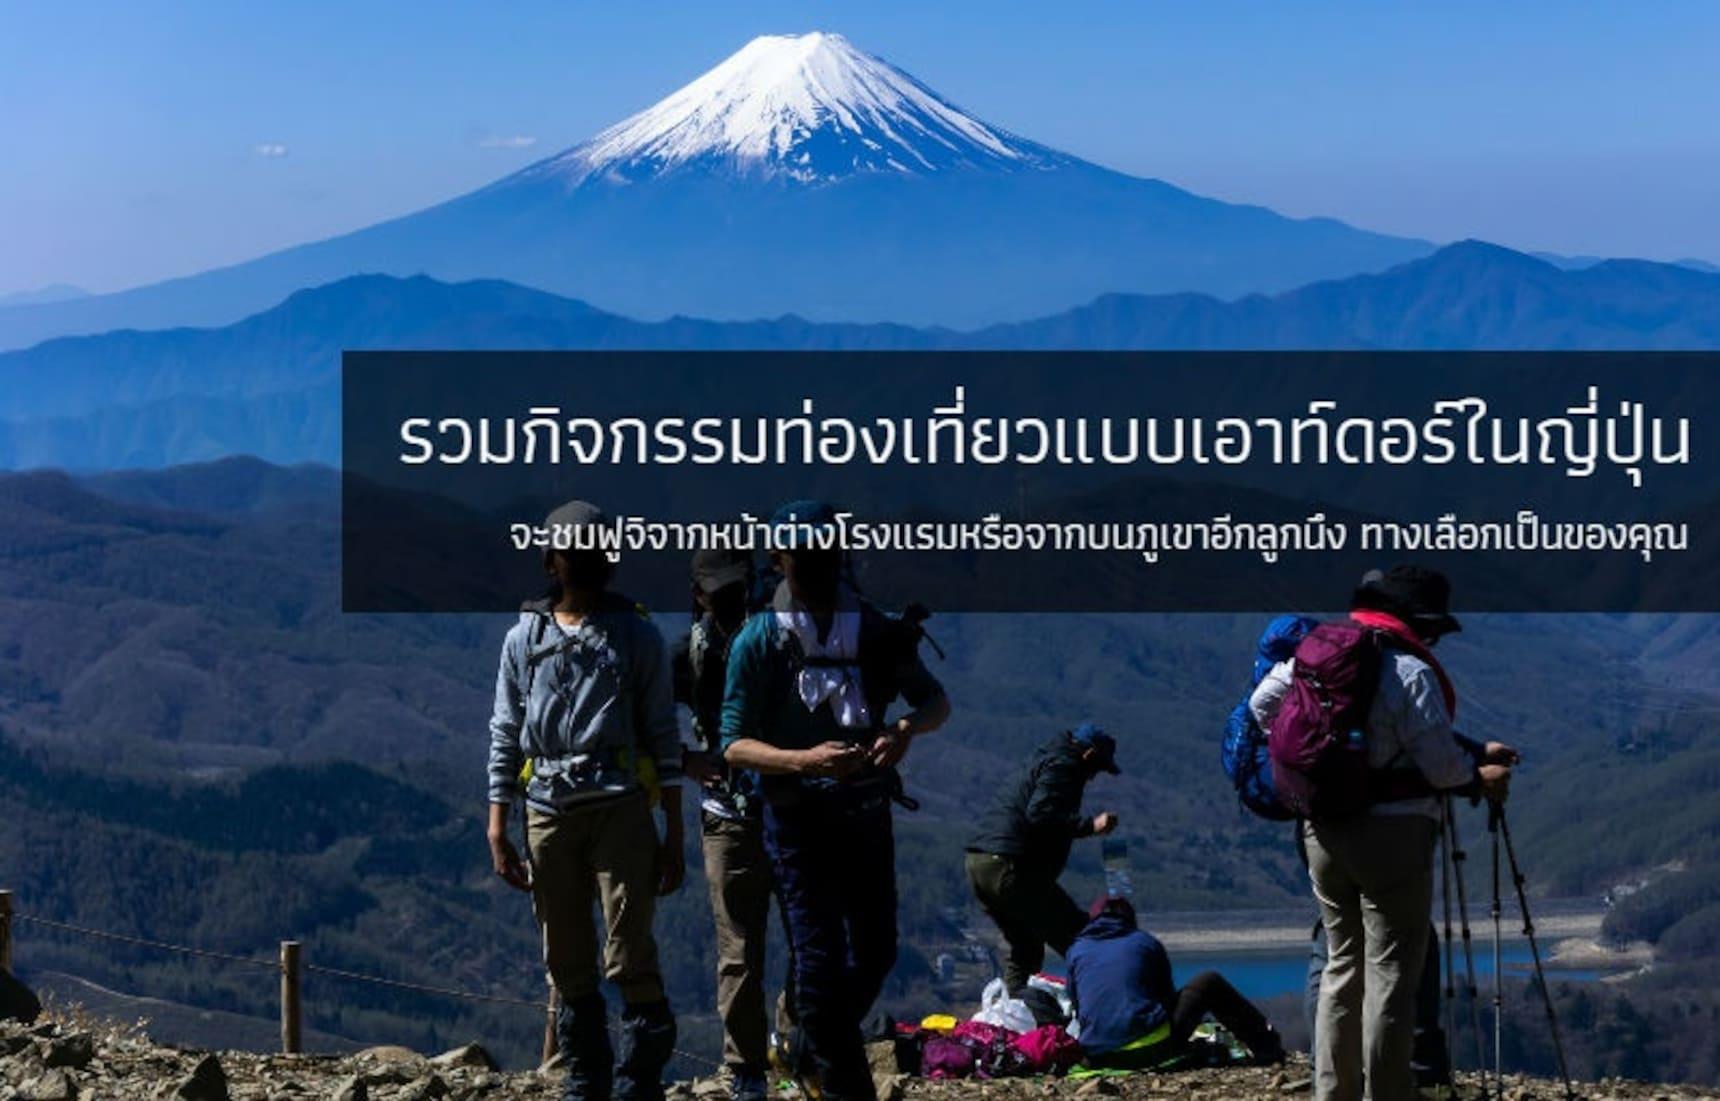 รวมกิจกรรมท่องเที่ยวแบบเอาท์ดอร์ในญี่ปุ่น